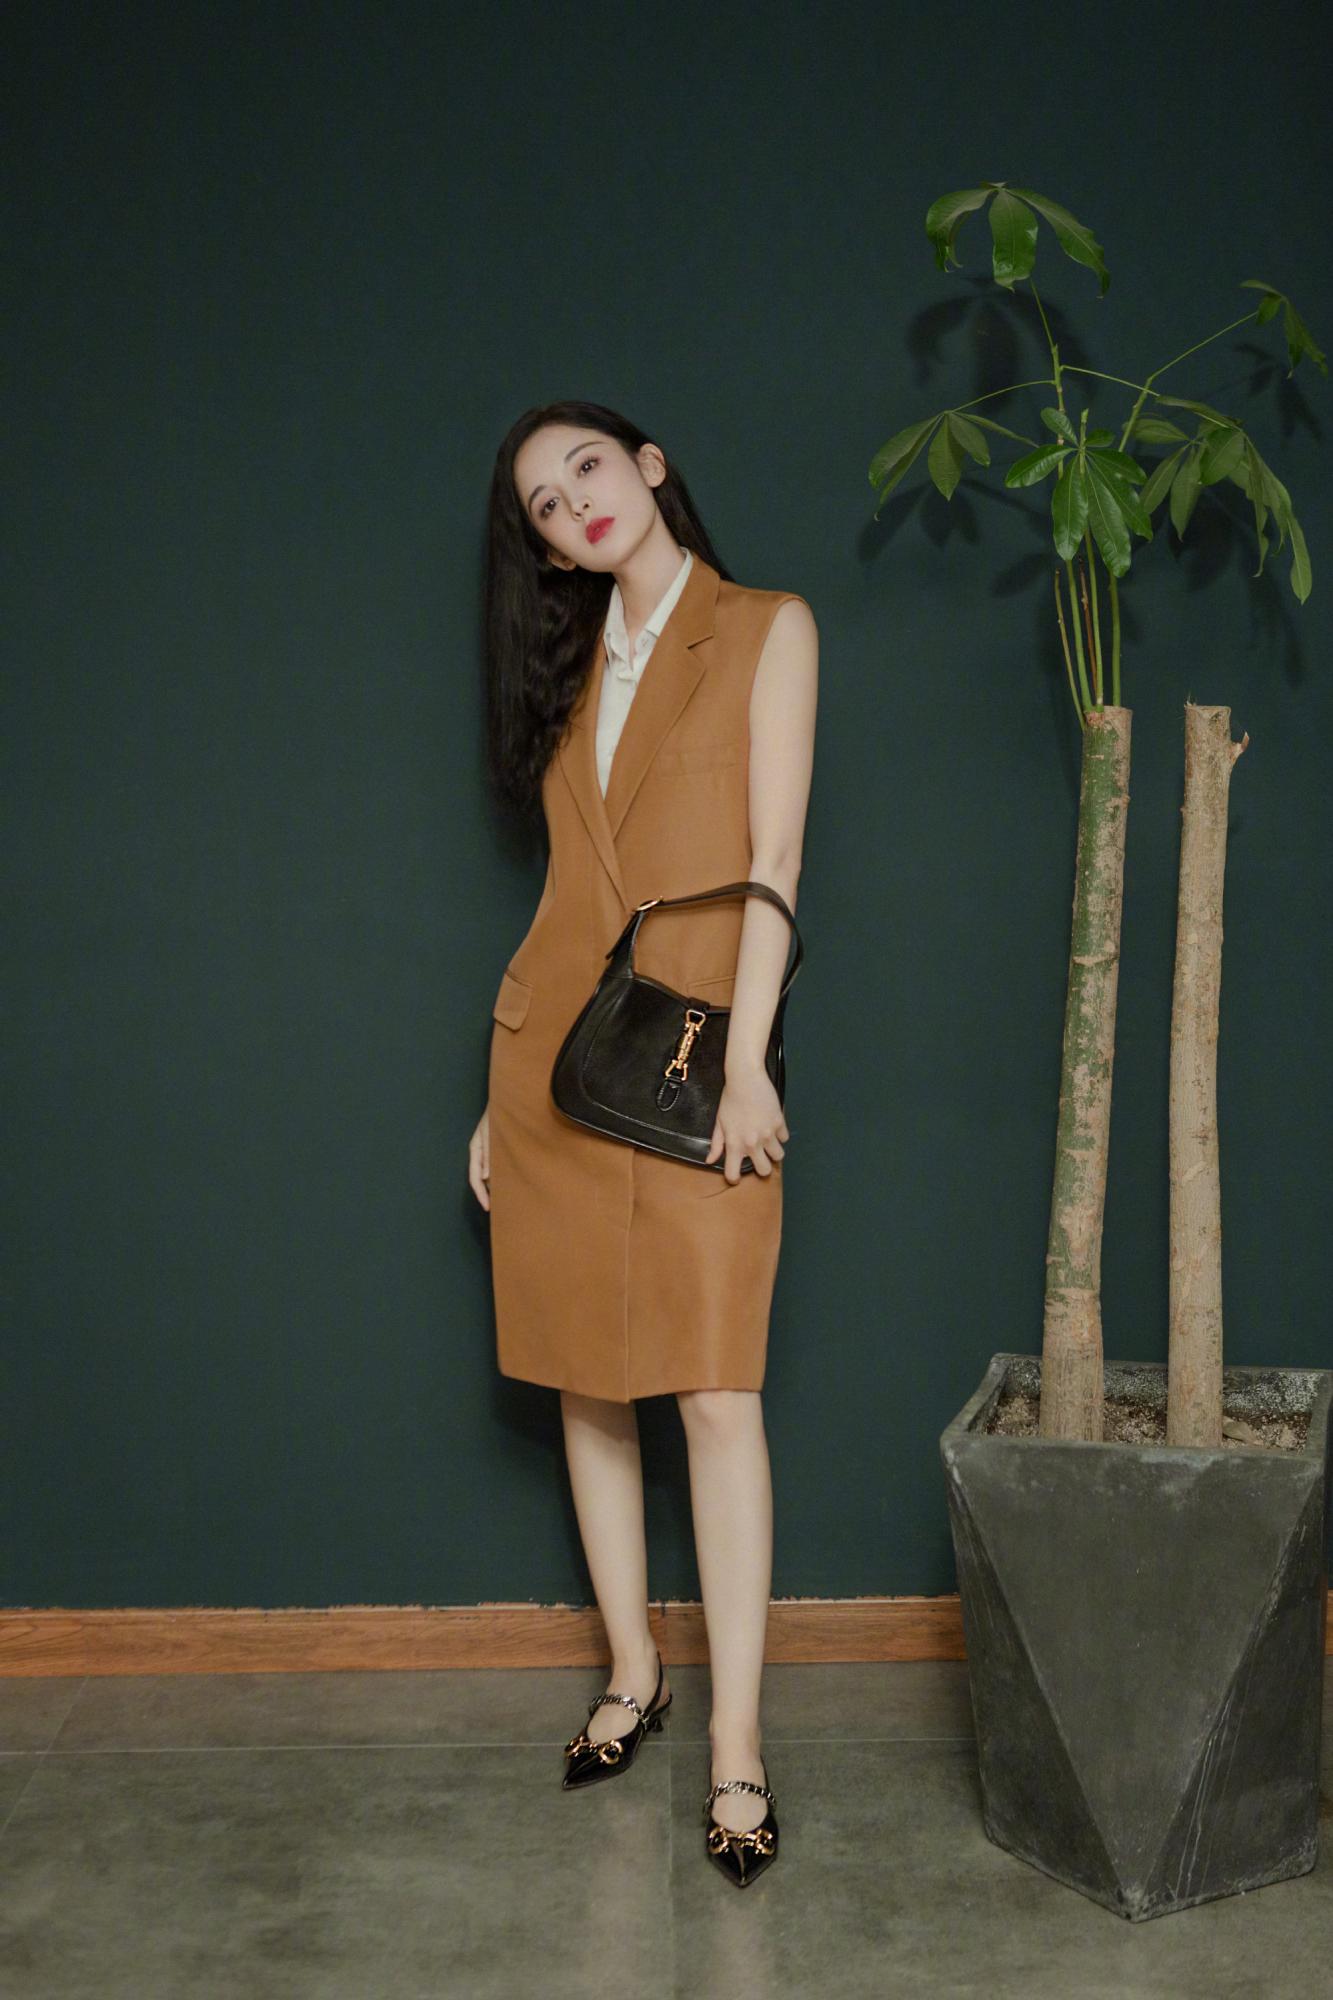 娜扎最新复古大片,色调精致典雅,基础套装也能穿出高级感